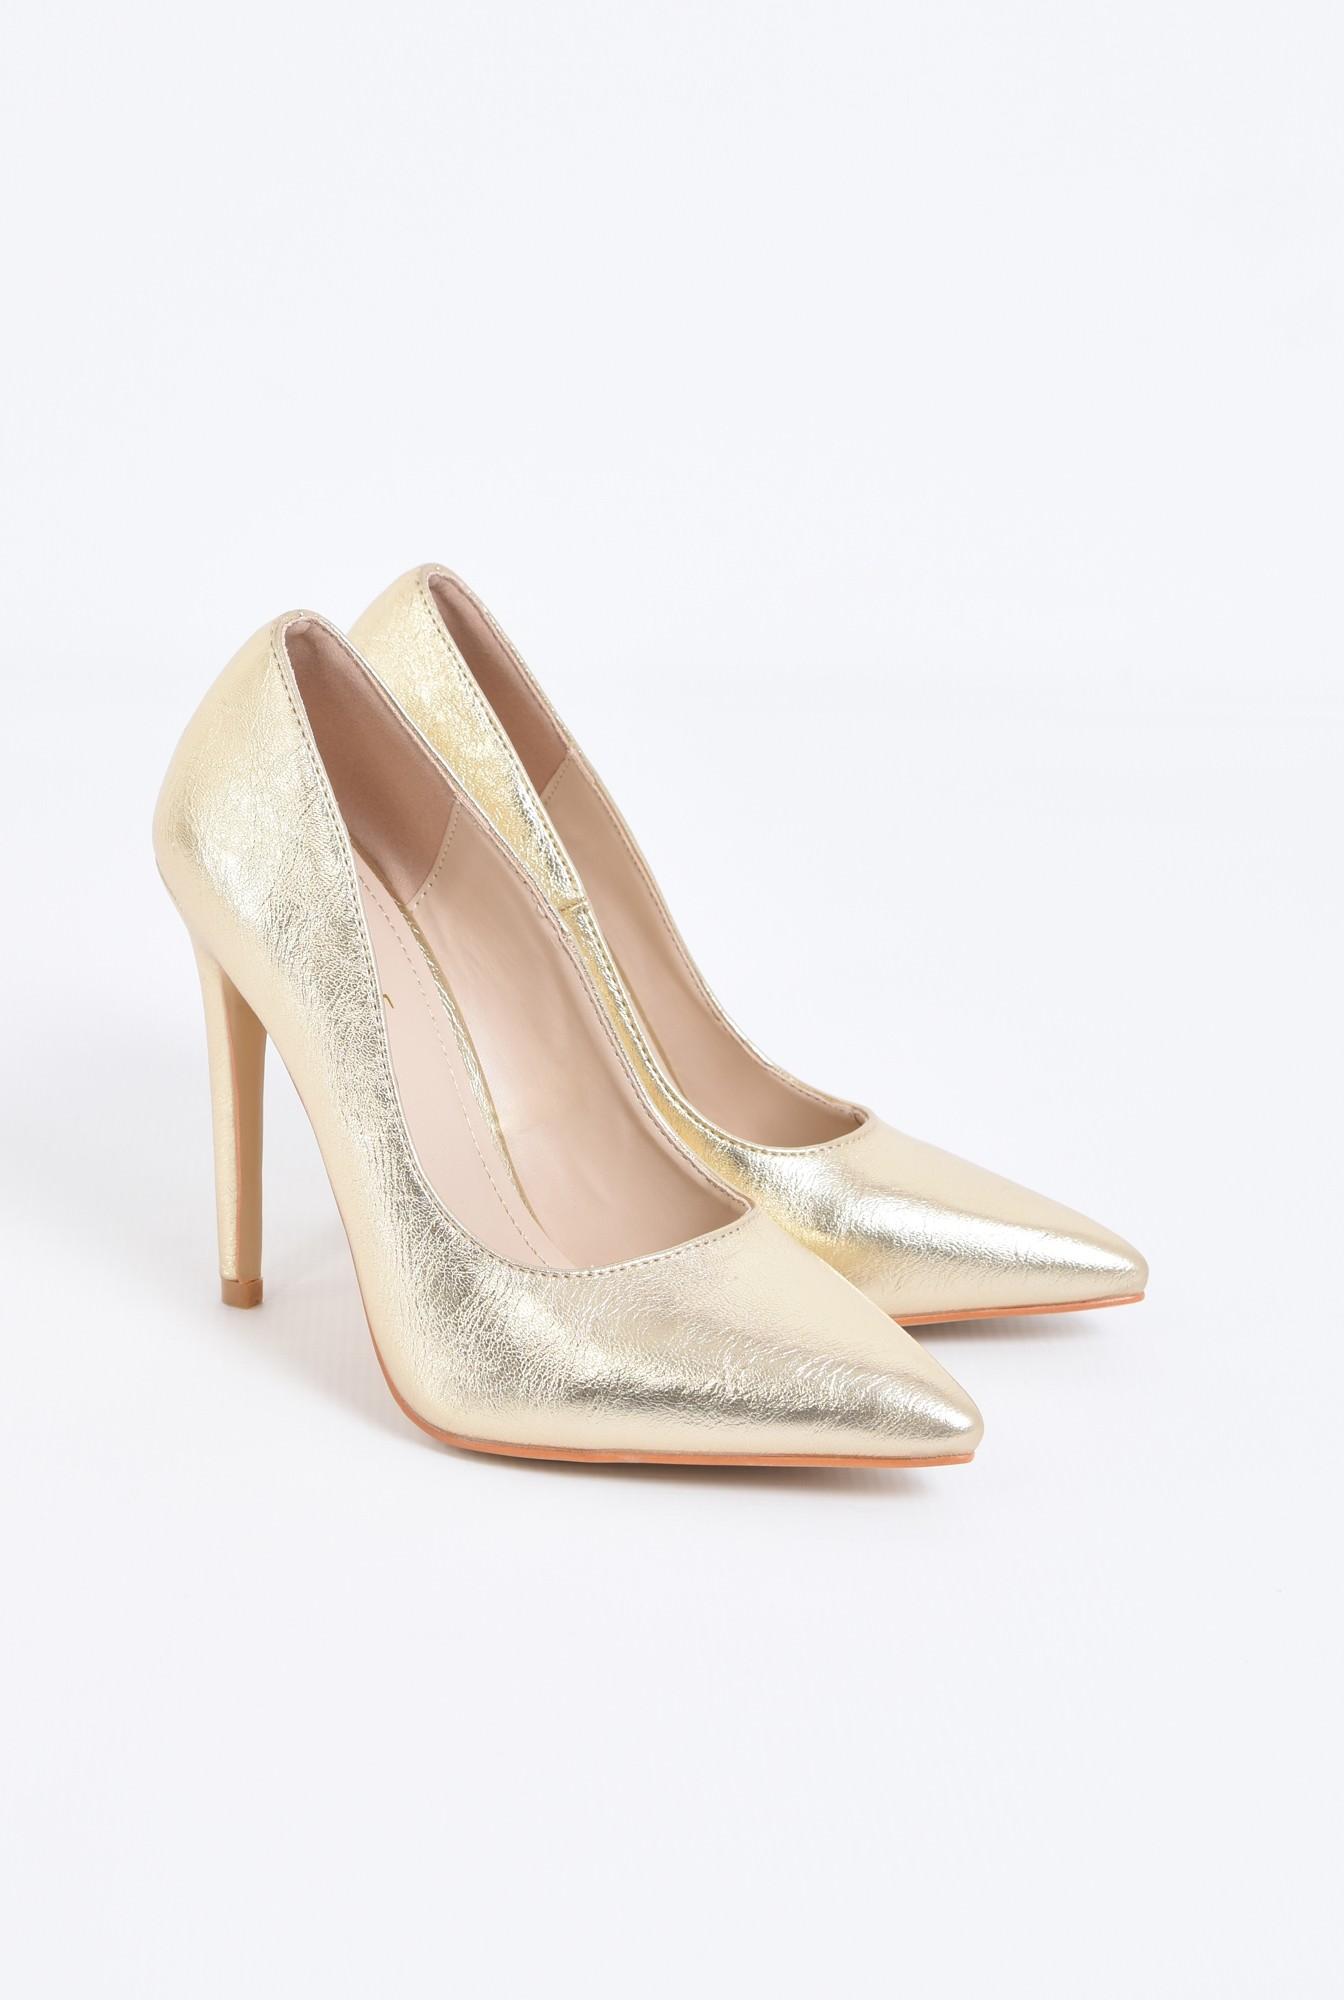 1 - pantofi eleganti, aurii, toc inalt